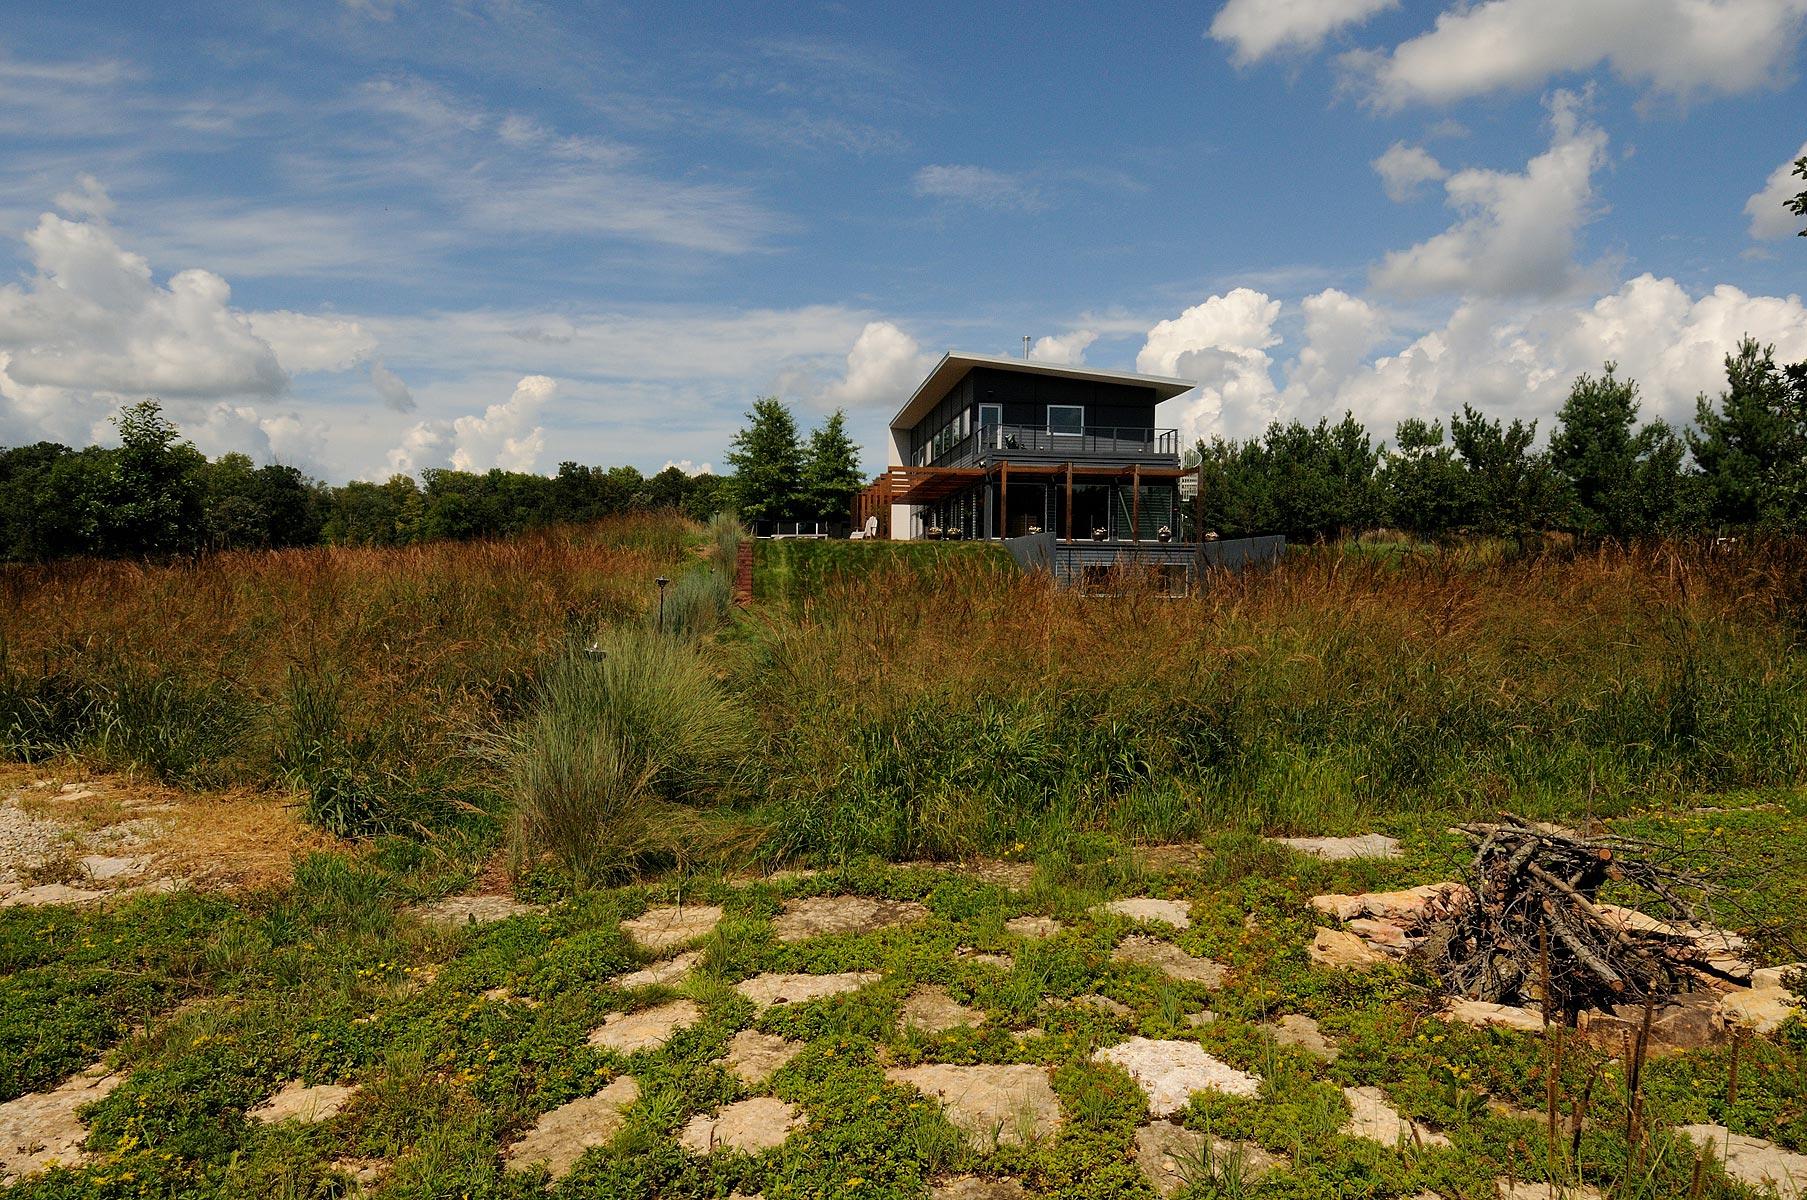 prairie-house-number2-Altus-6446-adj.jpg